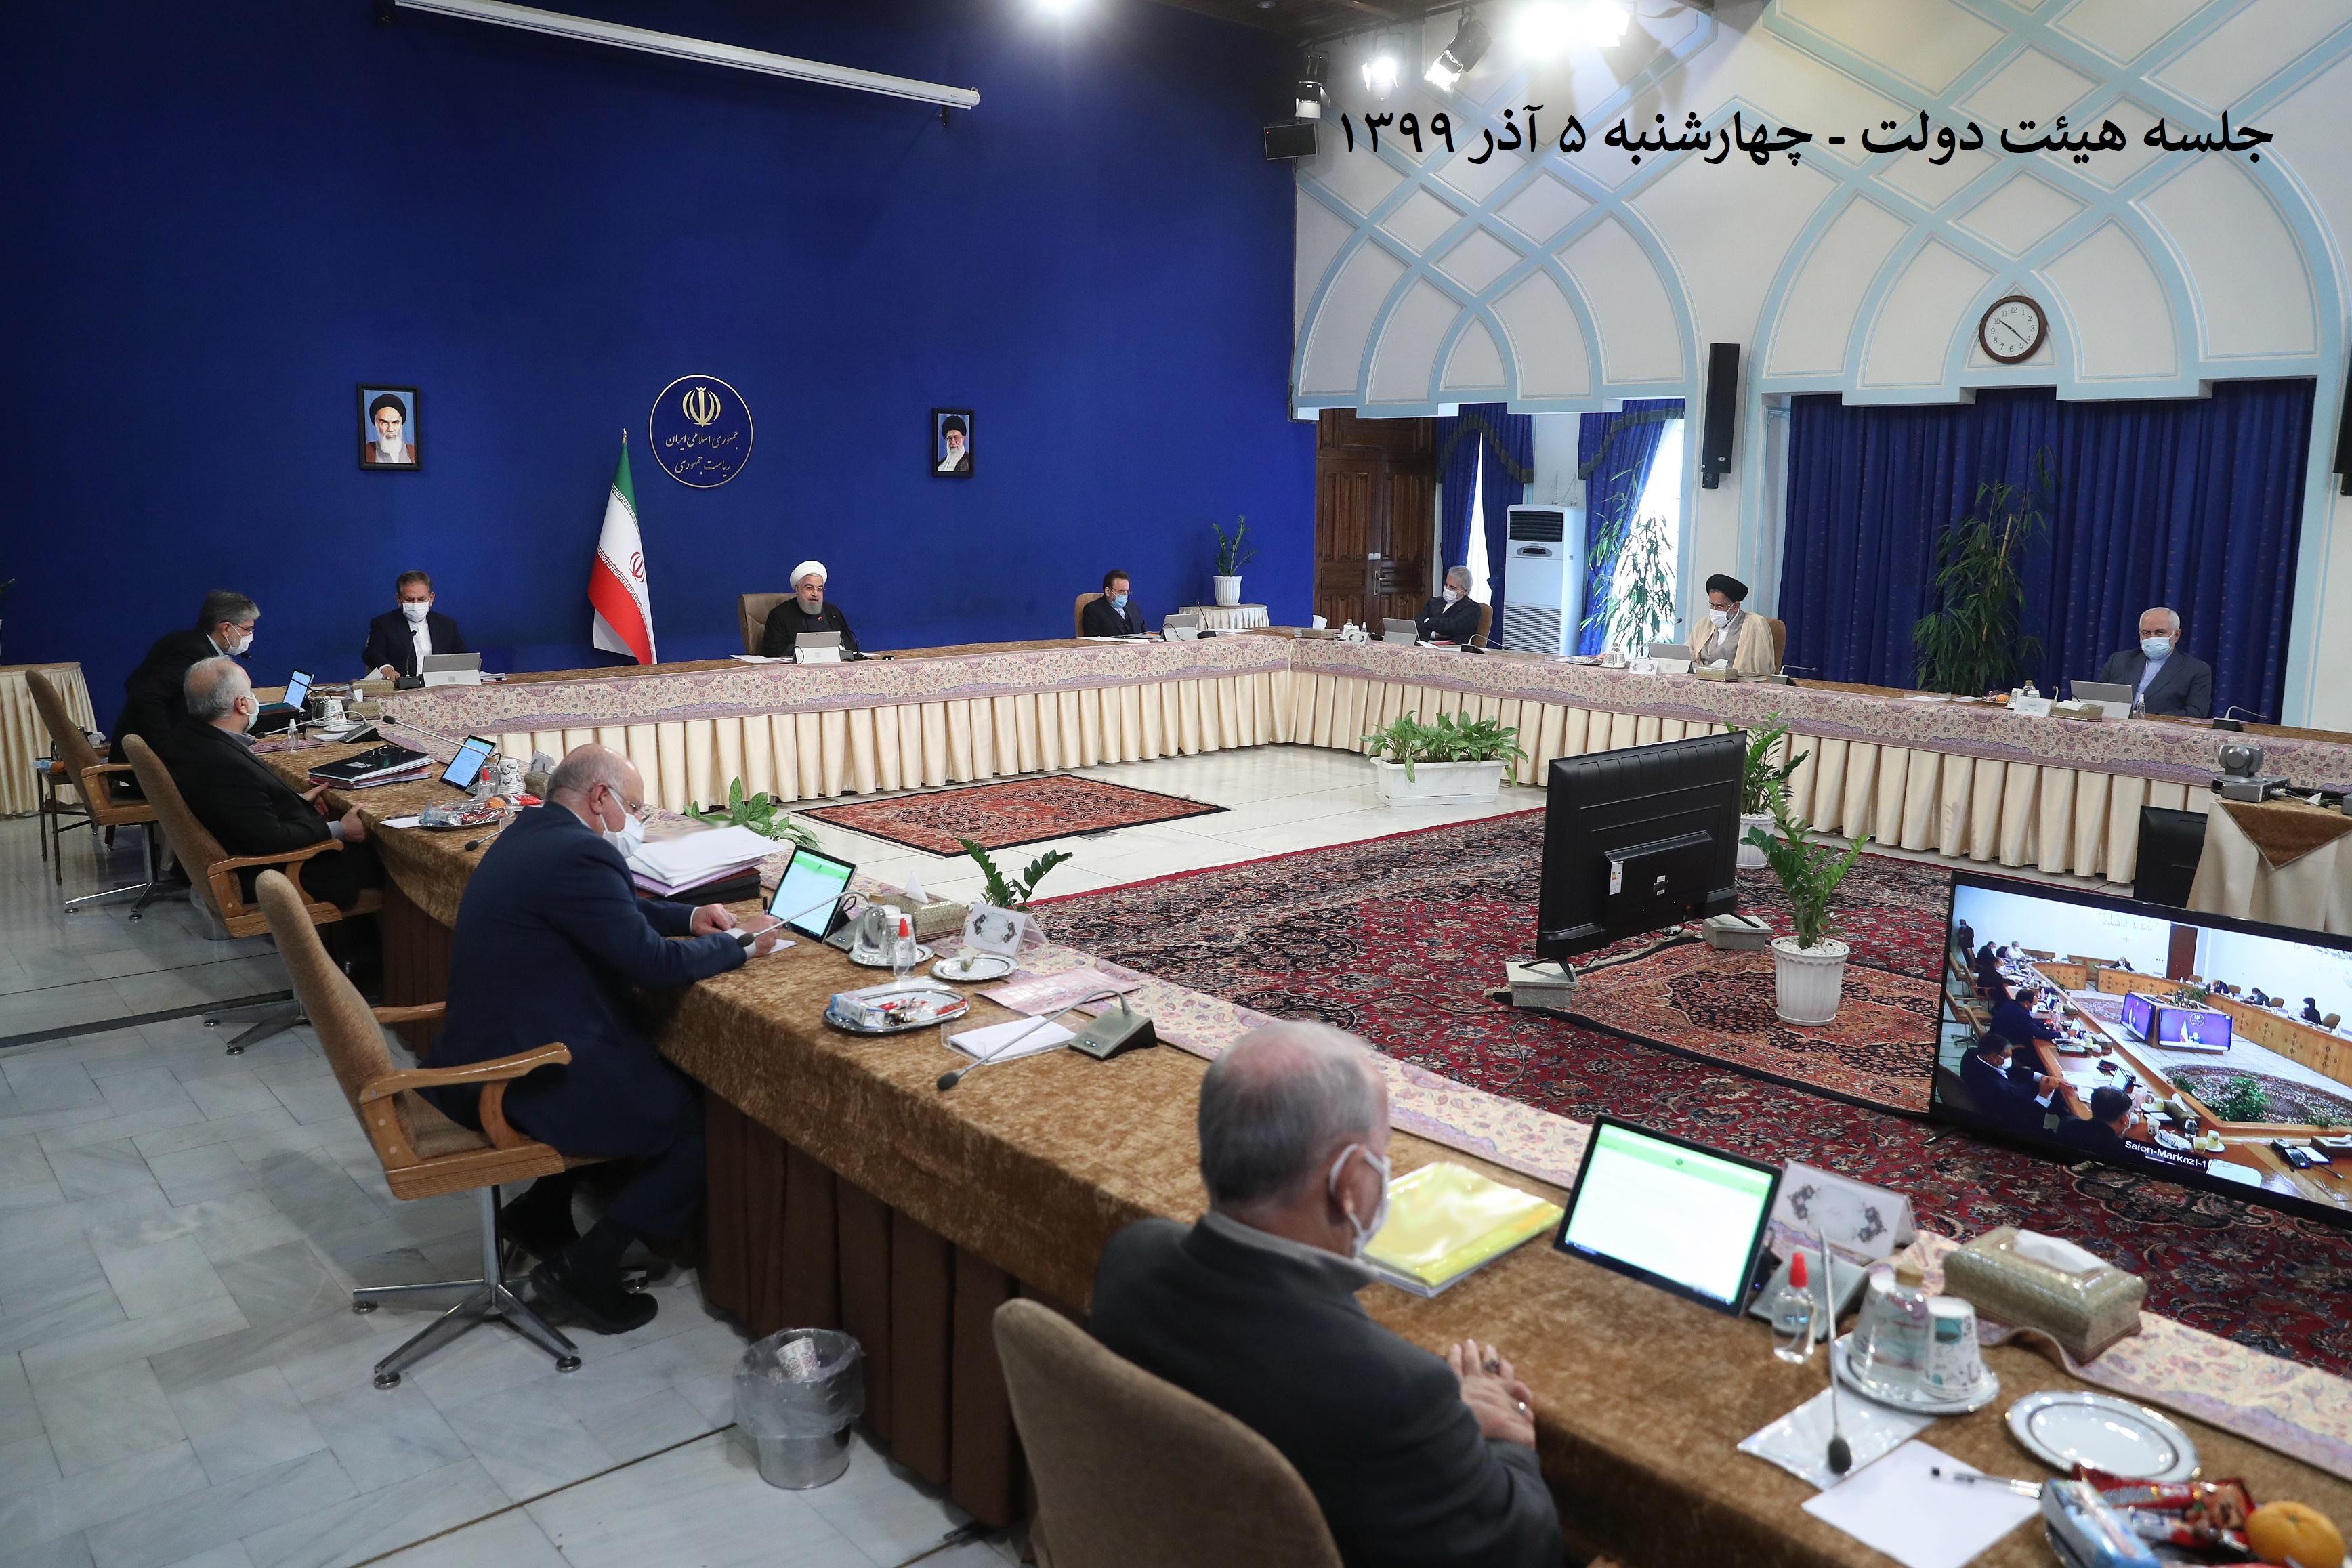 بحث و بررسی هیئت دولت پیرامون راهکارهای اجرای رهنمودهای مقام معظم رهبری